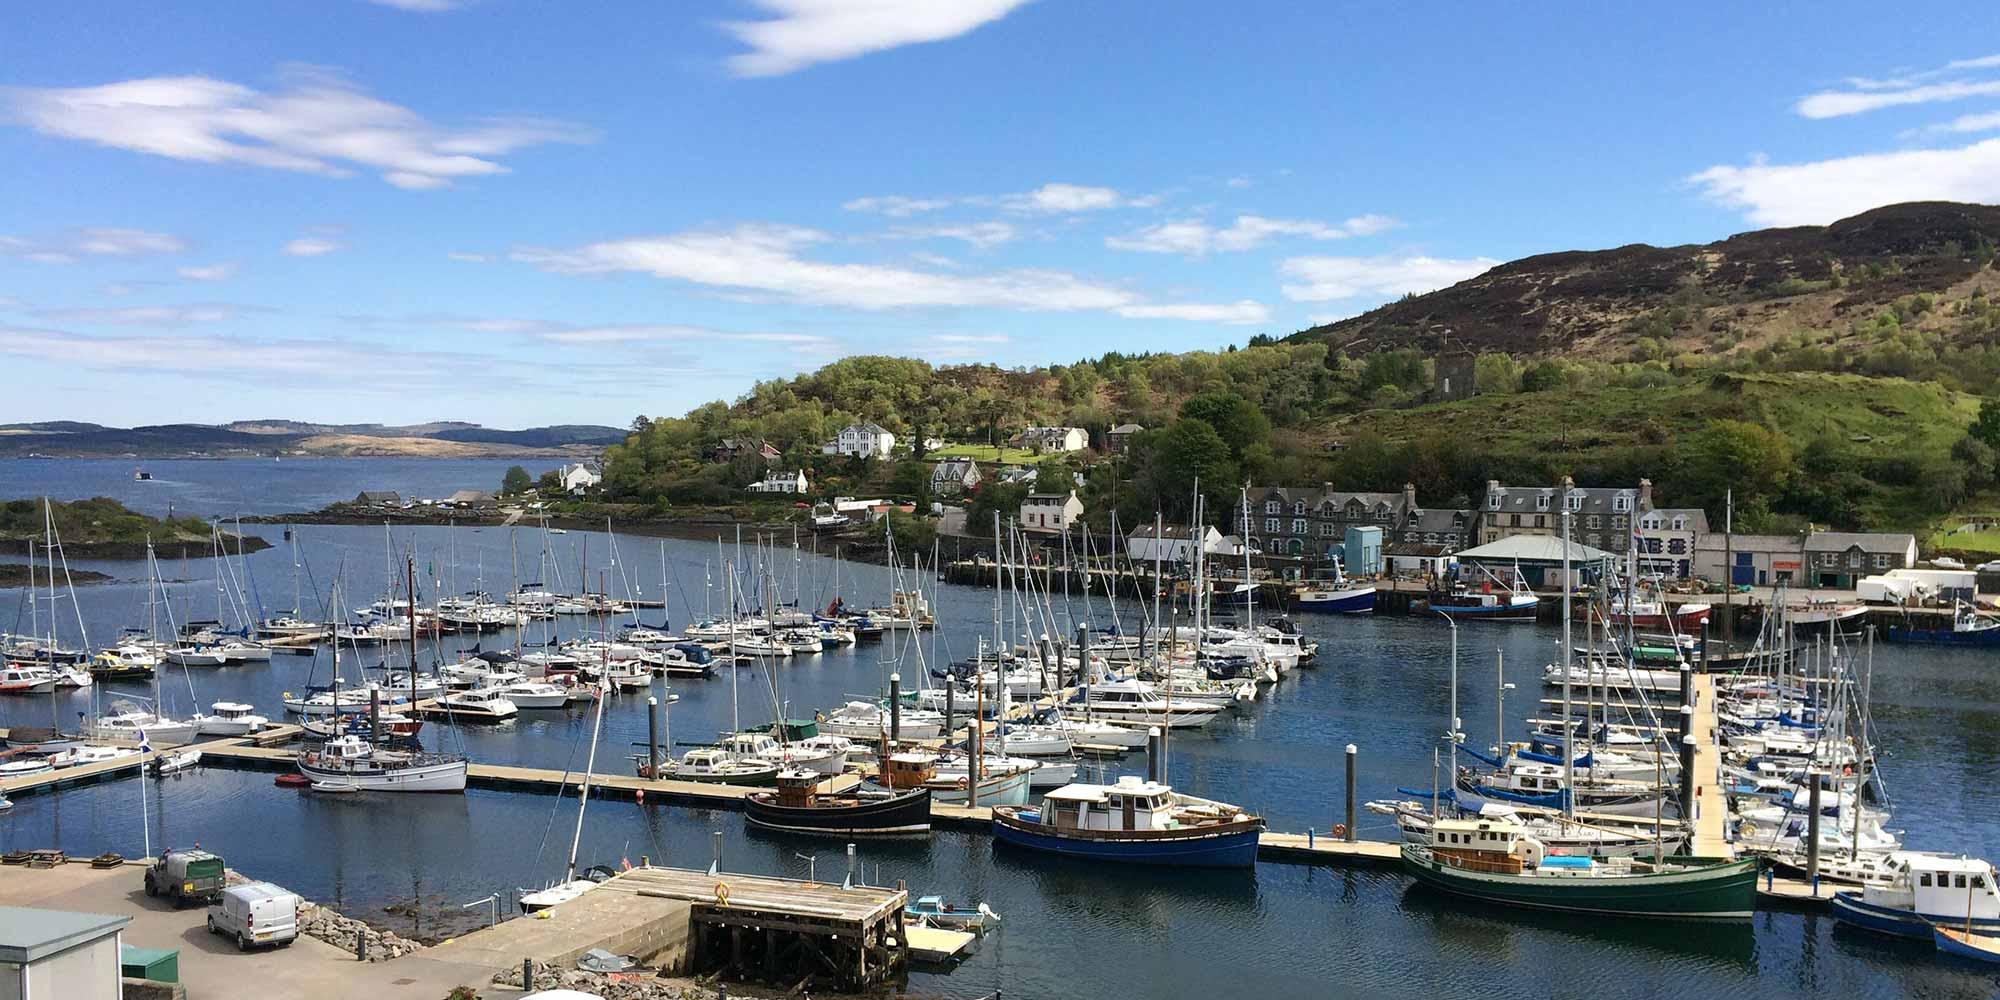 Tarbert (Loch Fyne) Harbour Authority